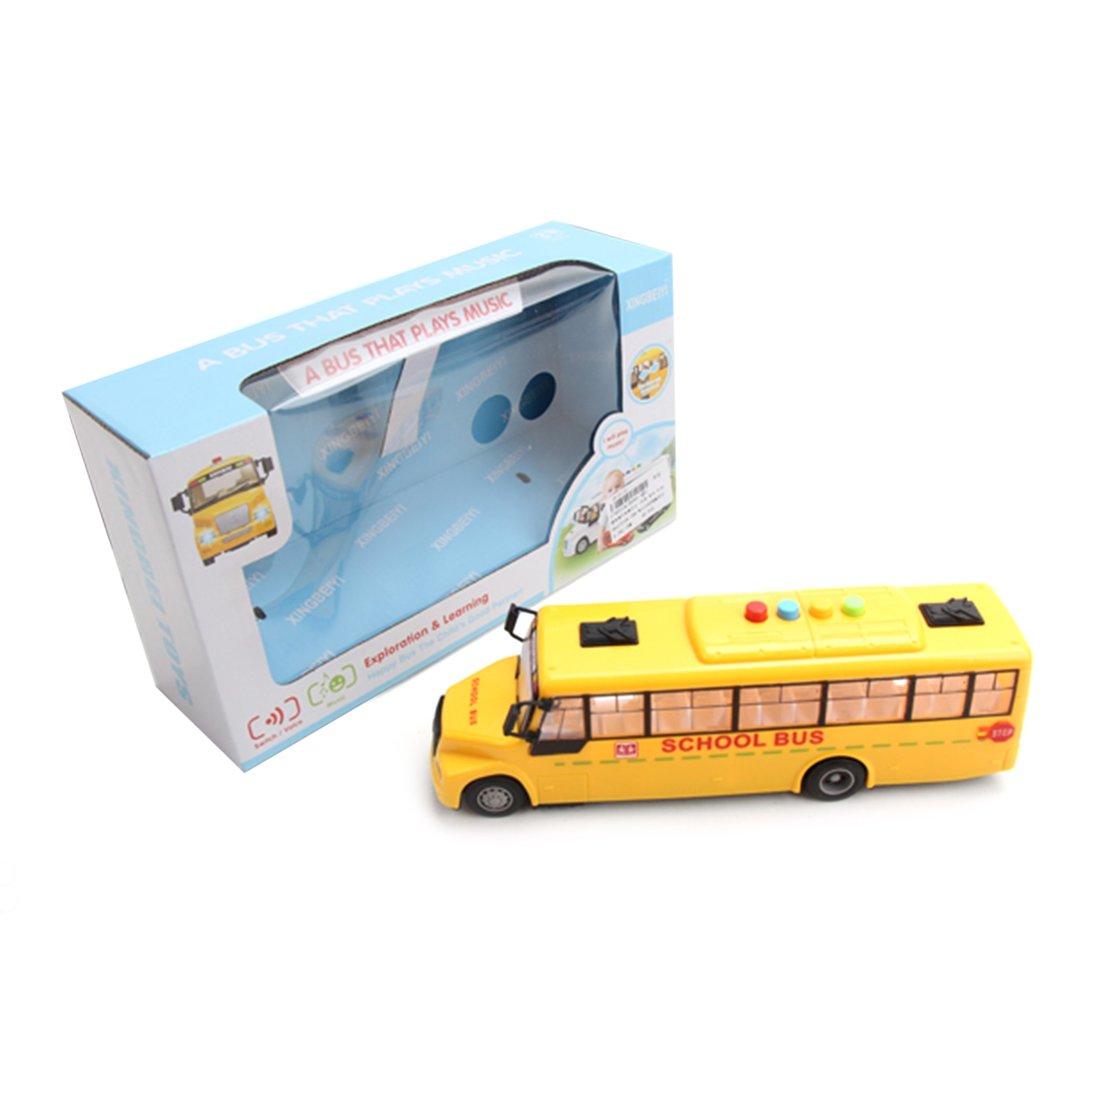 Автобус инерц. Школьный, свет, звук, эл.пит.AG13*3шт.не вх.в комплект, коробка